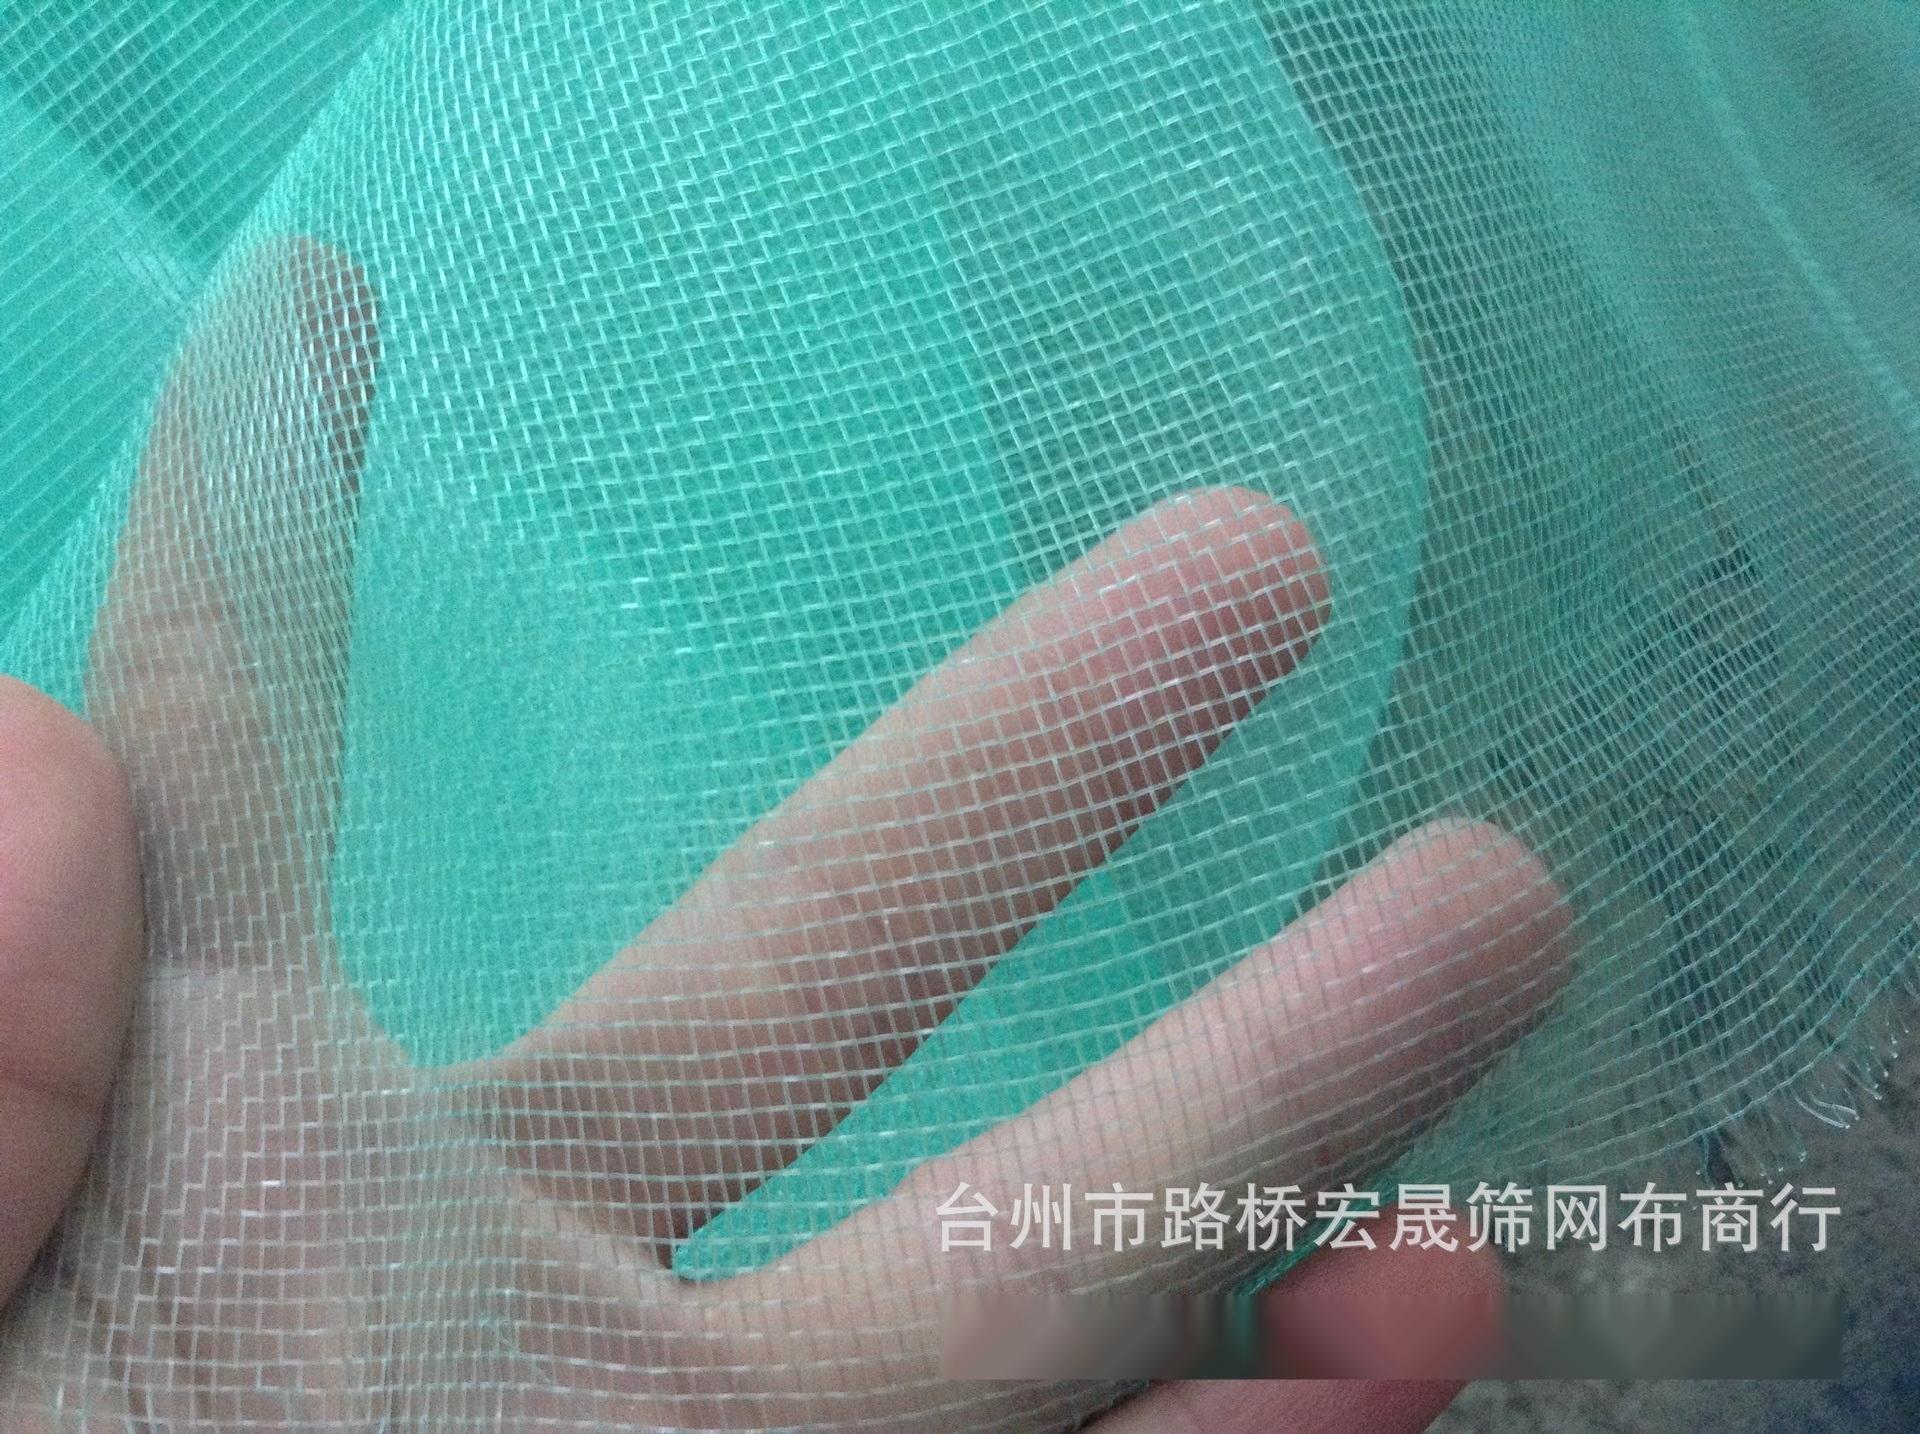 專業生產鰻魚捕撈網